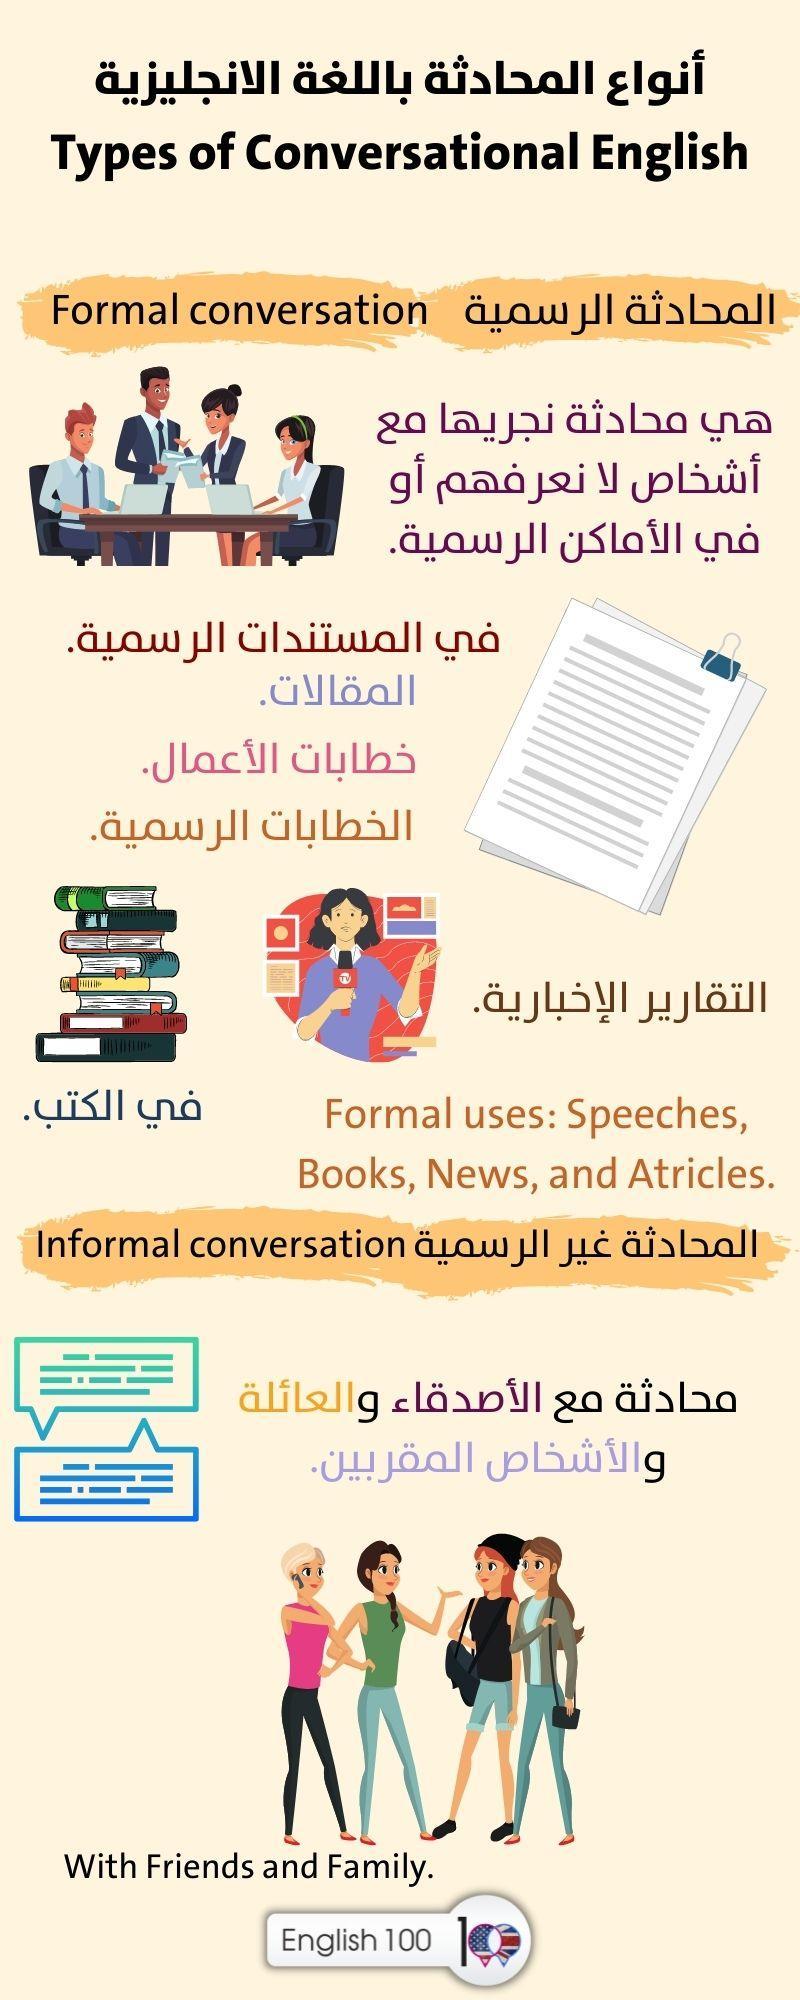 كيفية تعلم المحادثة باللغة الانجليزية How to learn conversation in English